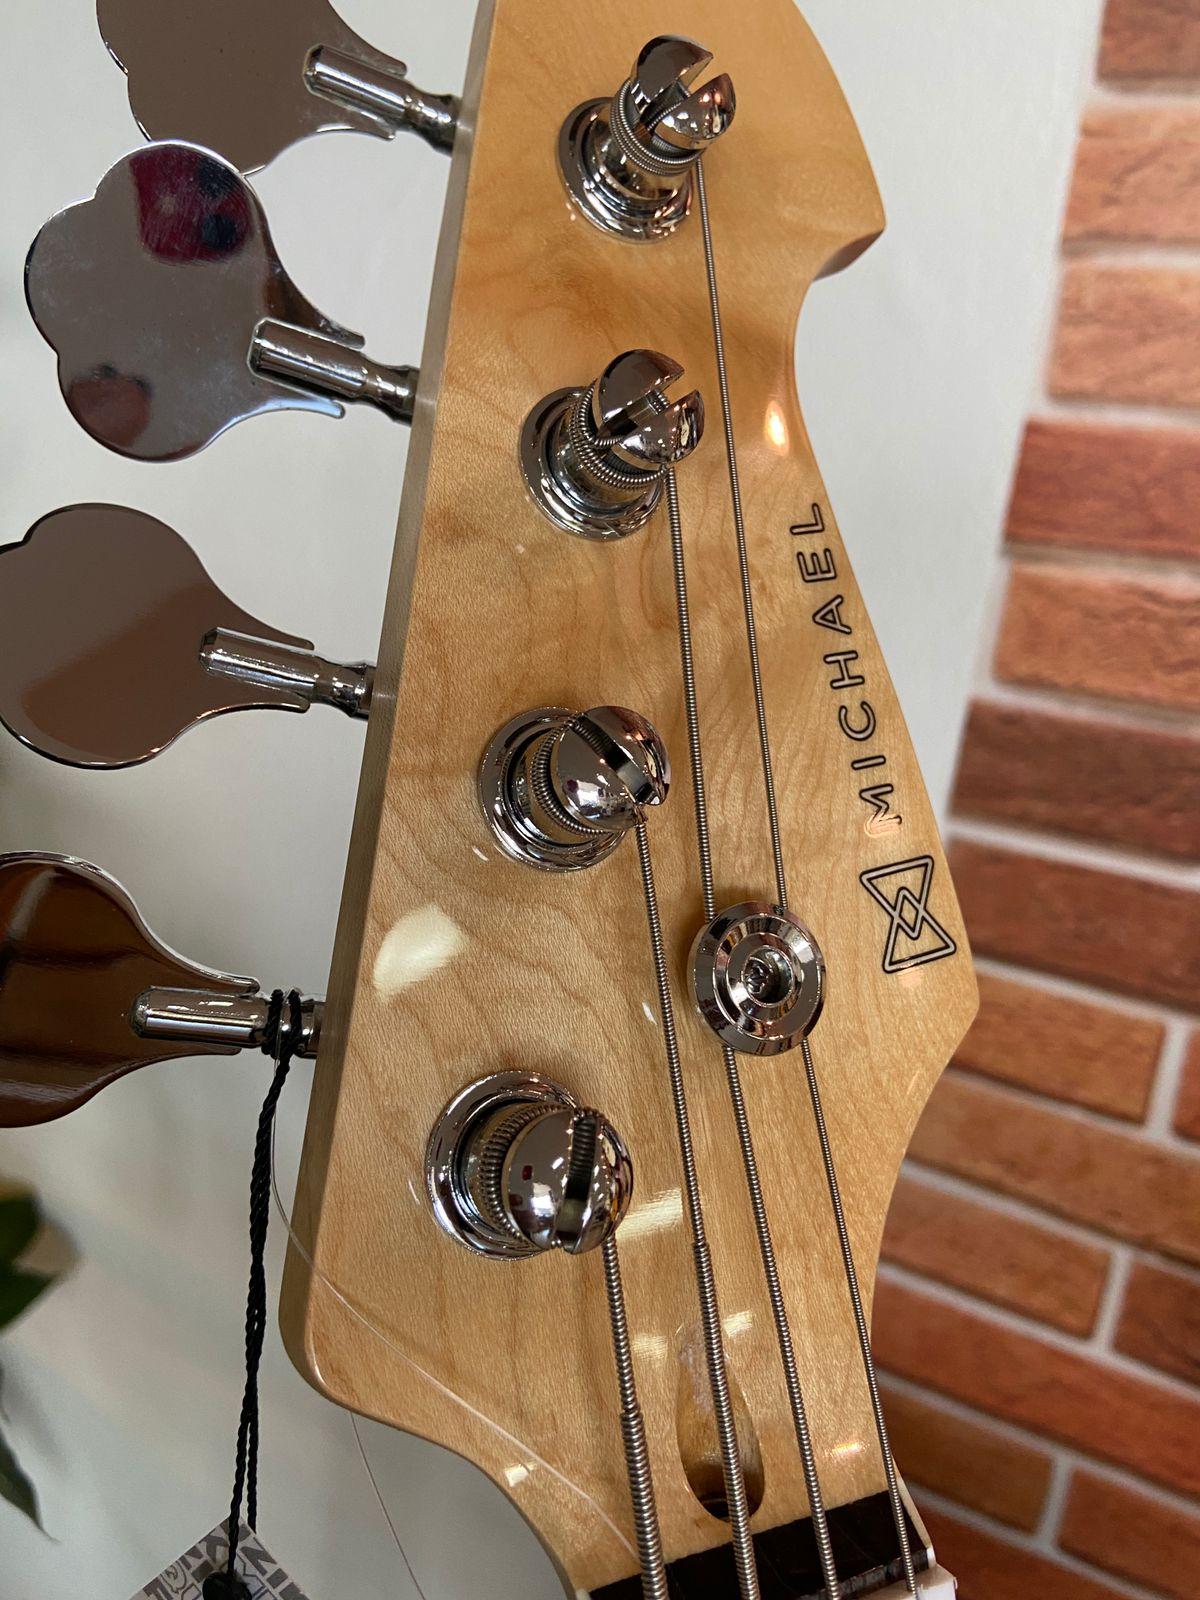 BAIXO 4 CORDAS MICHAEL JAZZ BASS BM675 BLACK  - Luggi Instrumentos Musicais